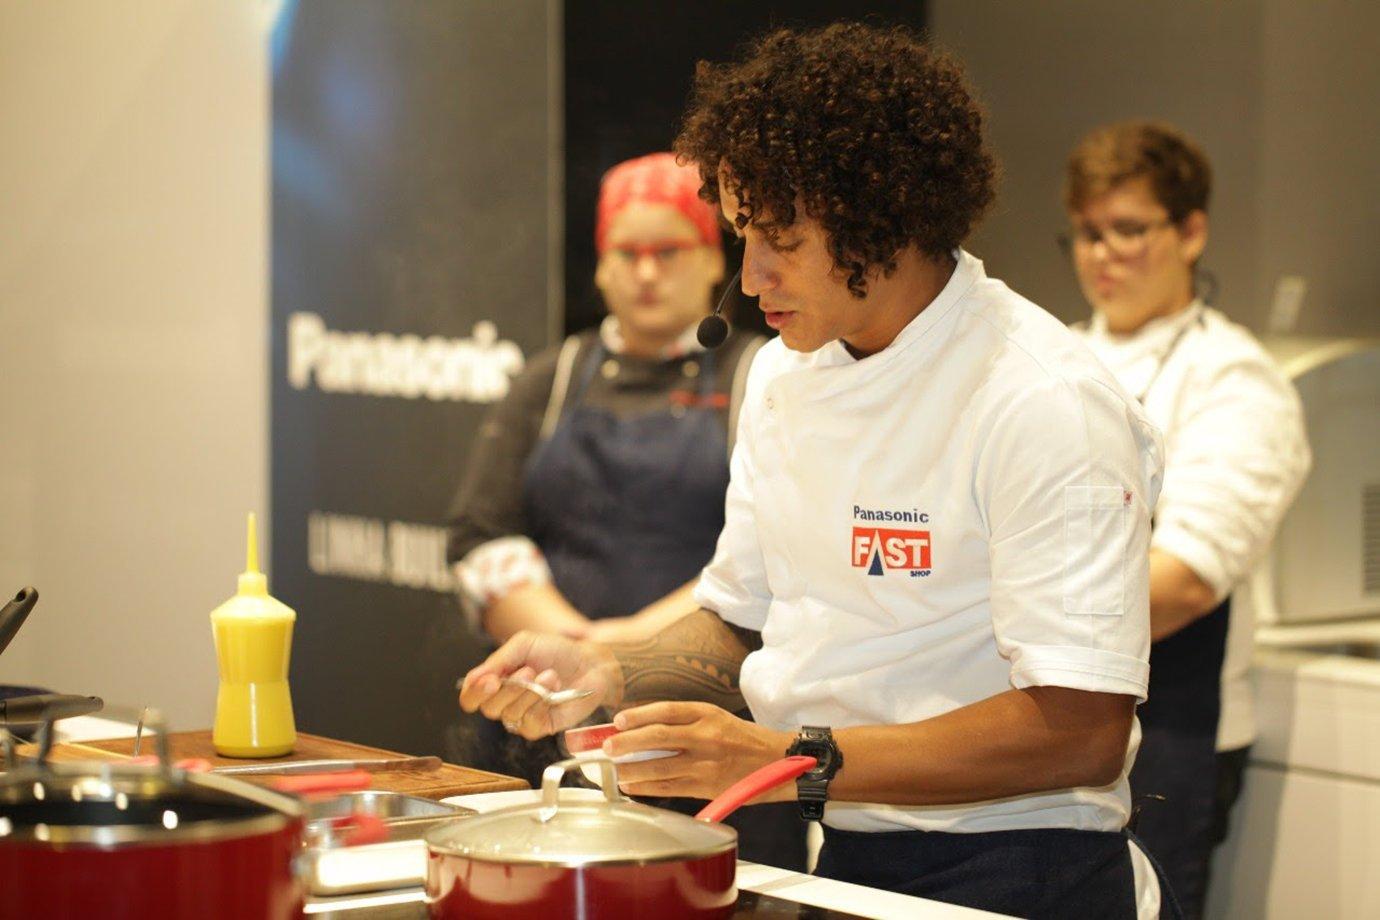 Dário Costa em ação para a marca Panasonic